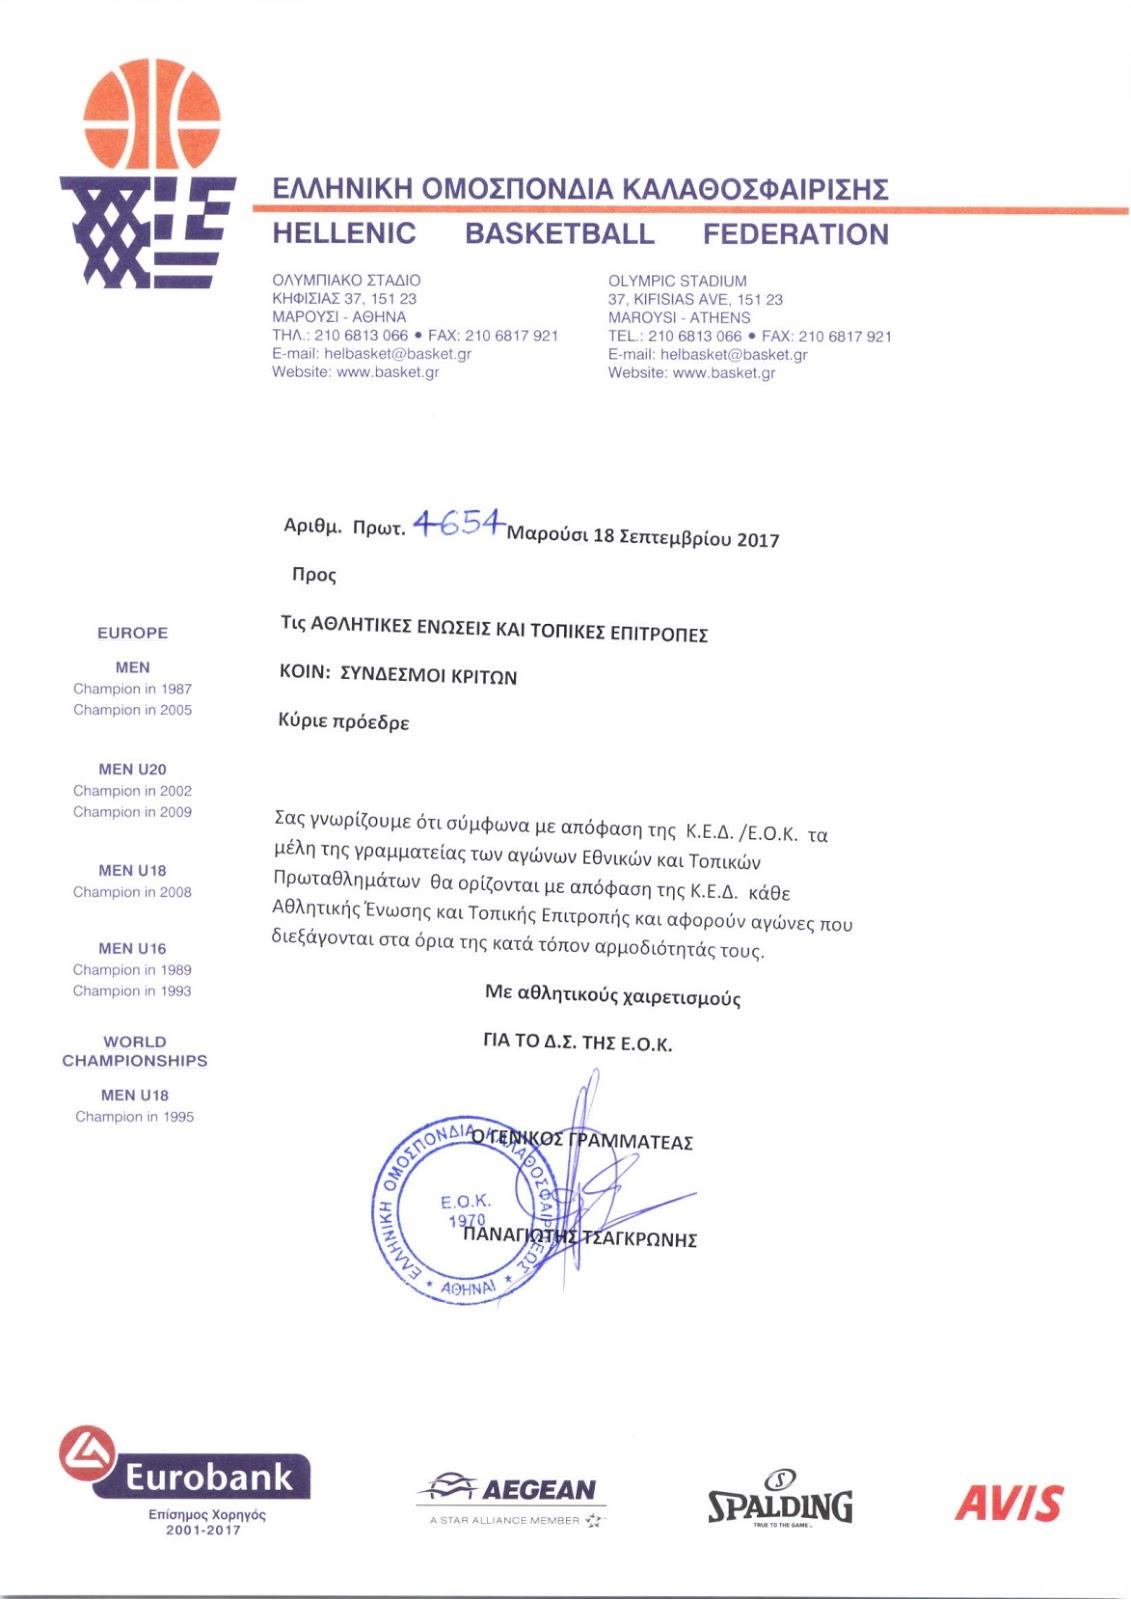 Επίσημο έγγραφο της ΕΟΚ για τους κριτές Εθνικών Κατηγοριών